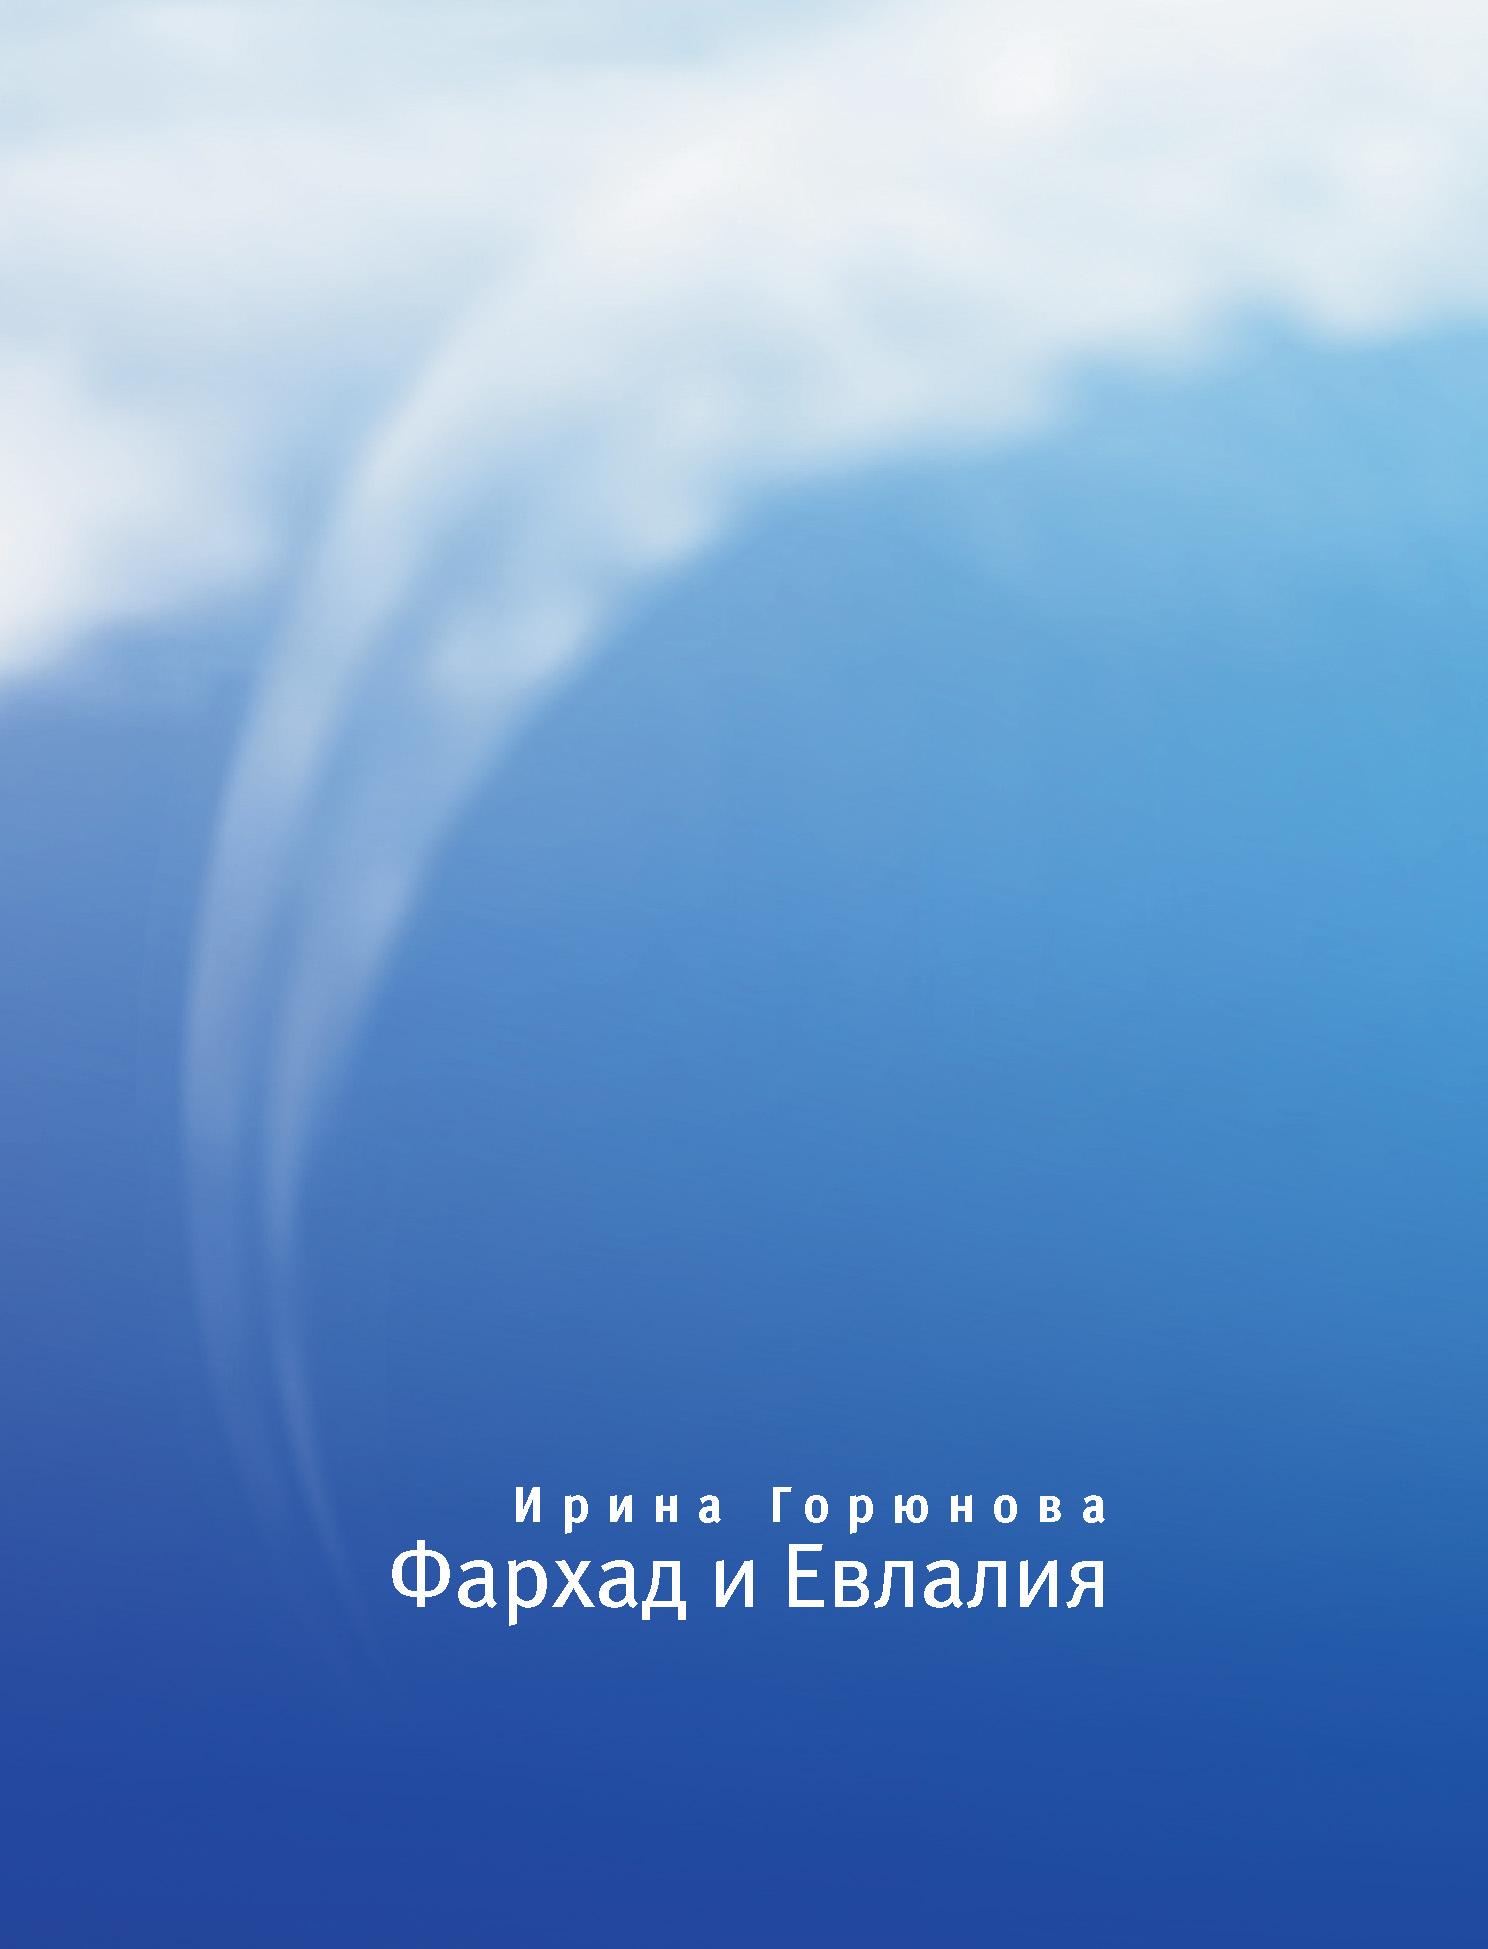 Ирина Горюнова Фархад и Евлалия горюнова и у нас есть мы